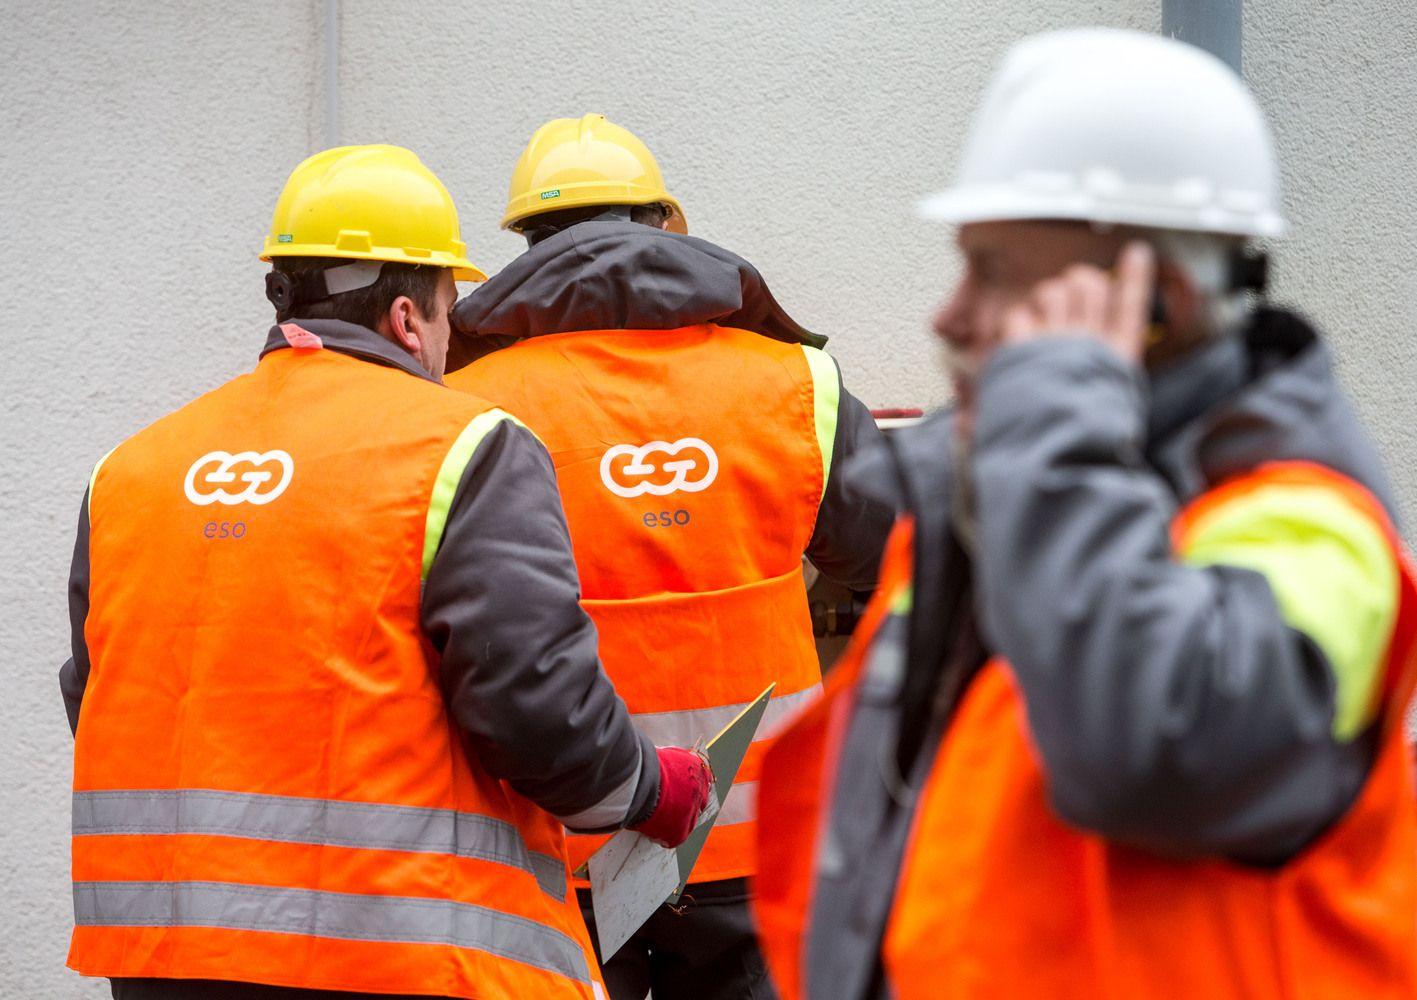 ESO atsisako komercinių veiklų